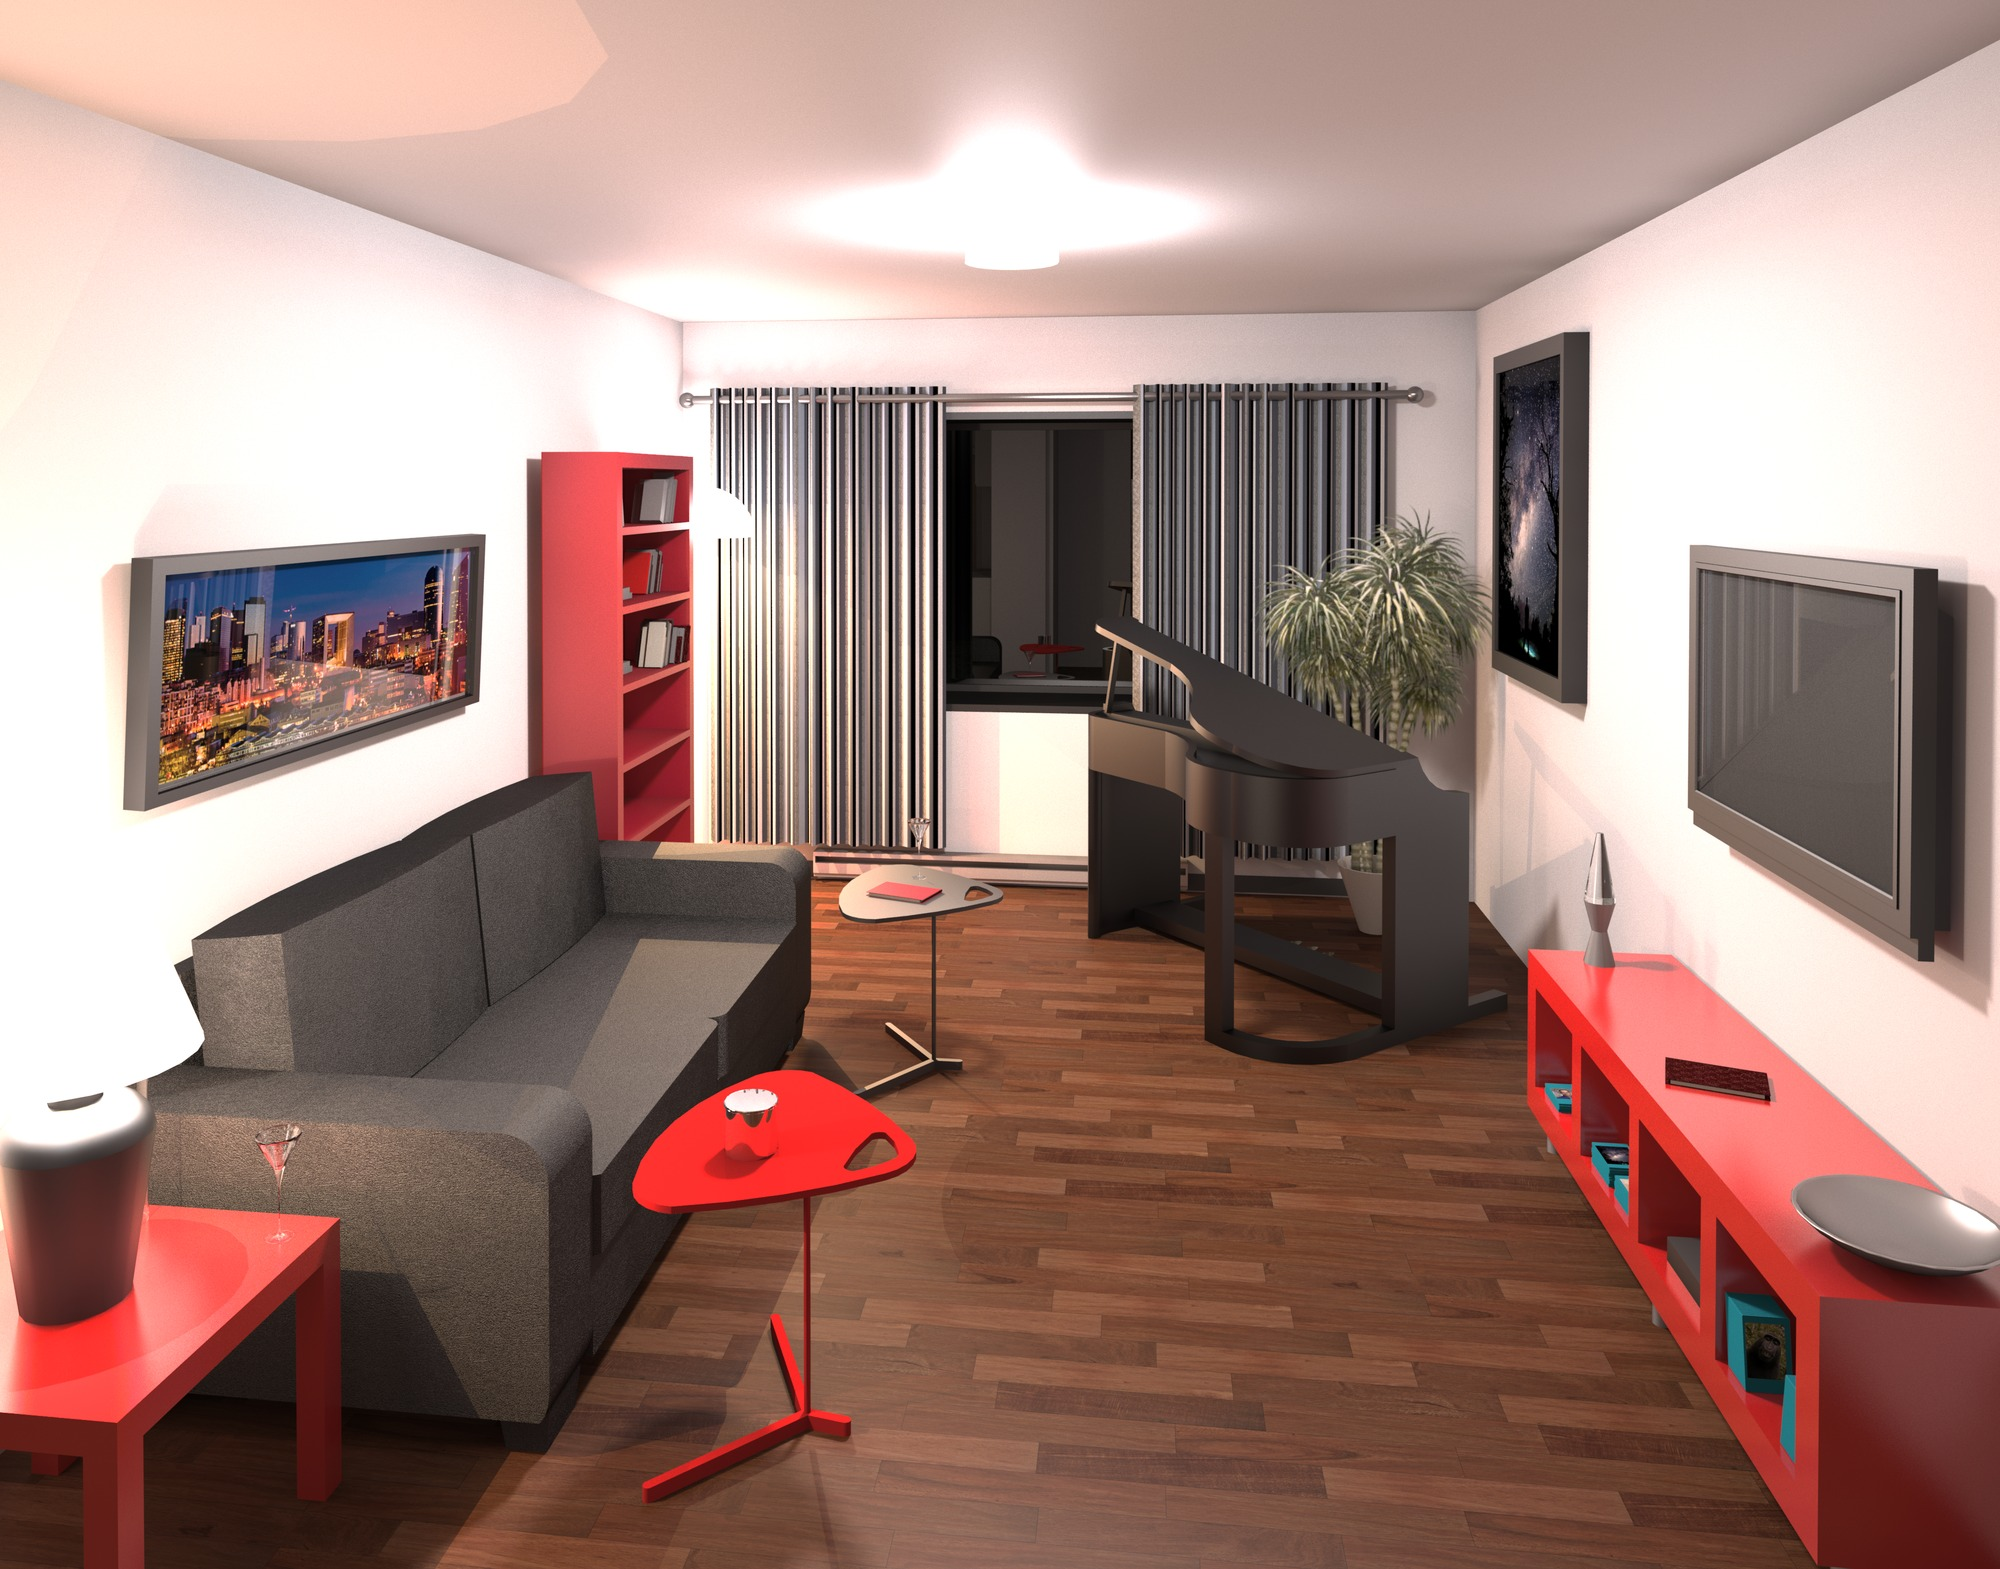 Raas-rendering20141115-27787-1woayrv